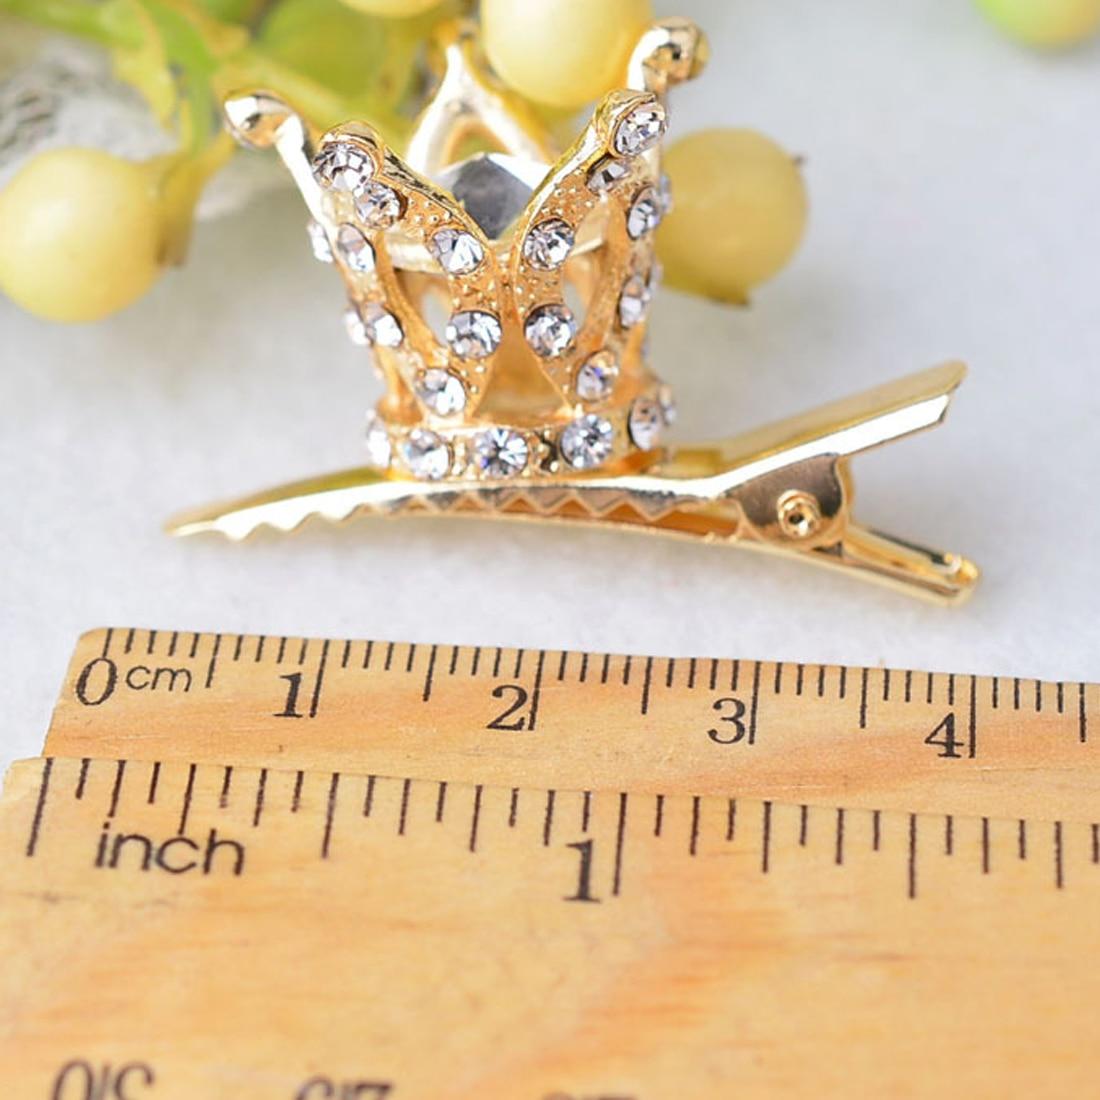 Fashion Children Girl hair accessories Cute hair clips Shiny Rhinestone Crystal crown hairpin barrettes Princess